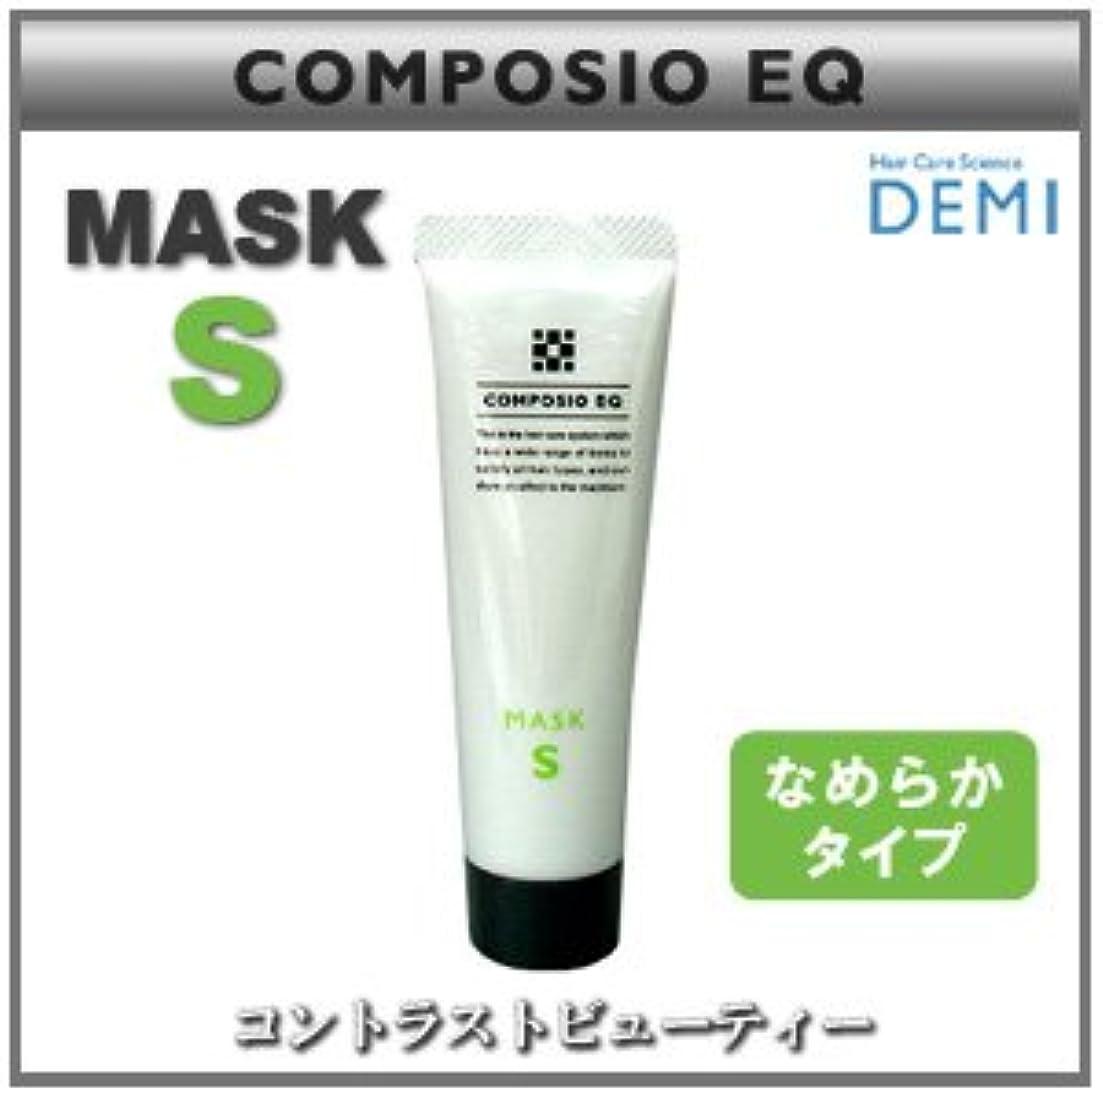 ガレージヤング温度計【X3個セット】 デミ コンポジオ EQ マスク S 50g